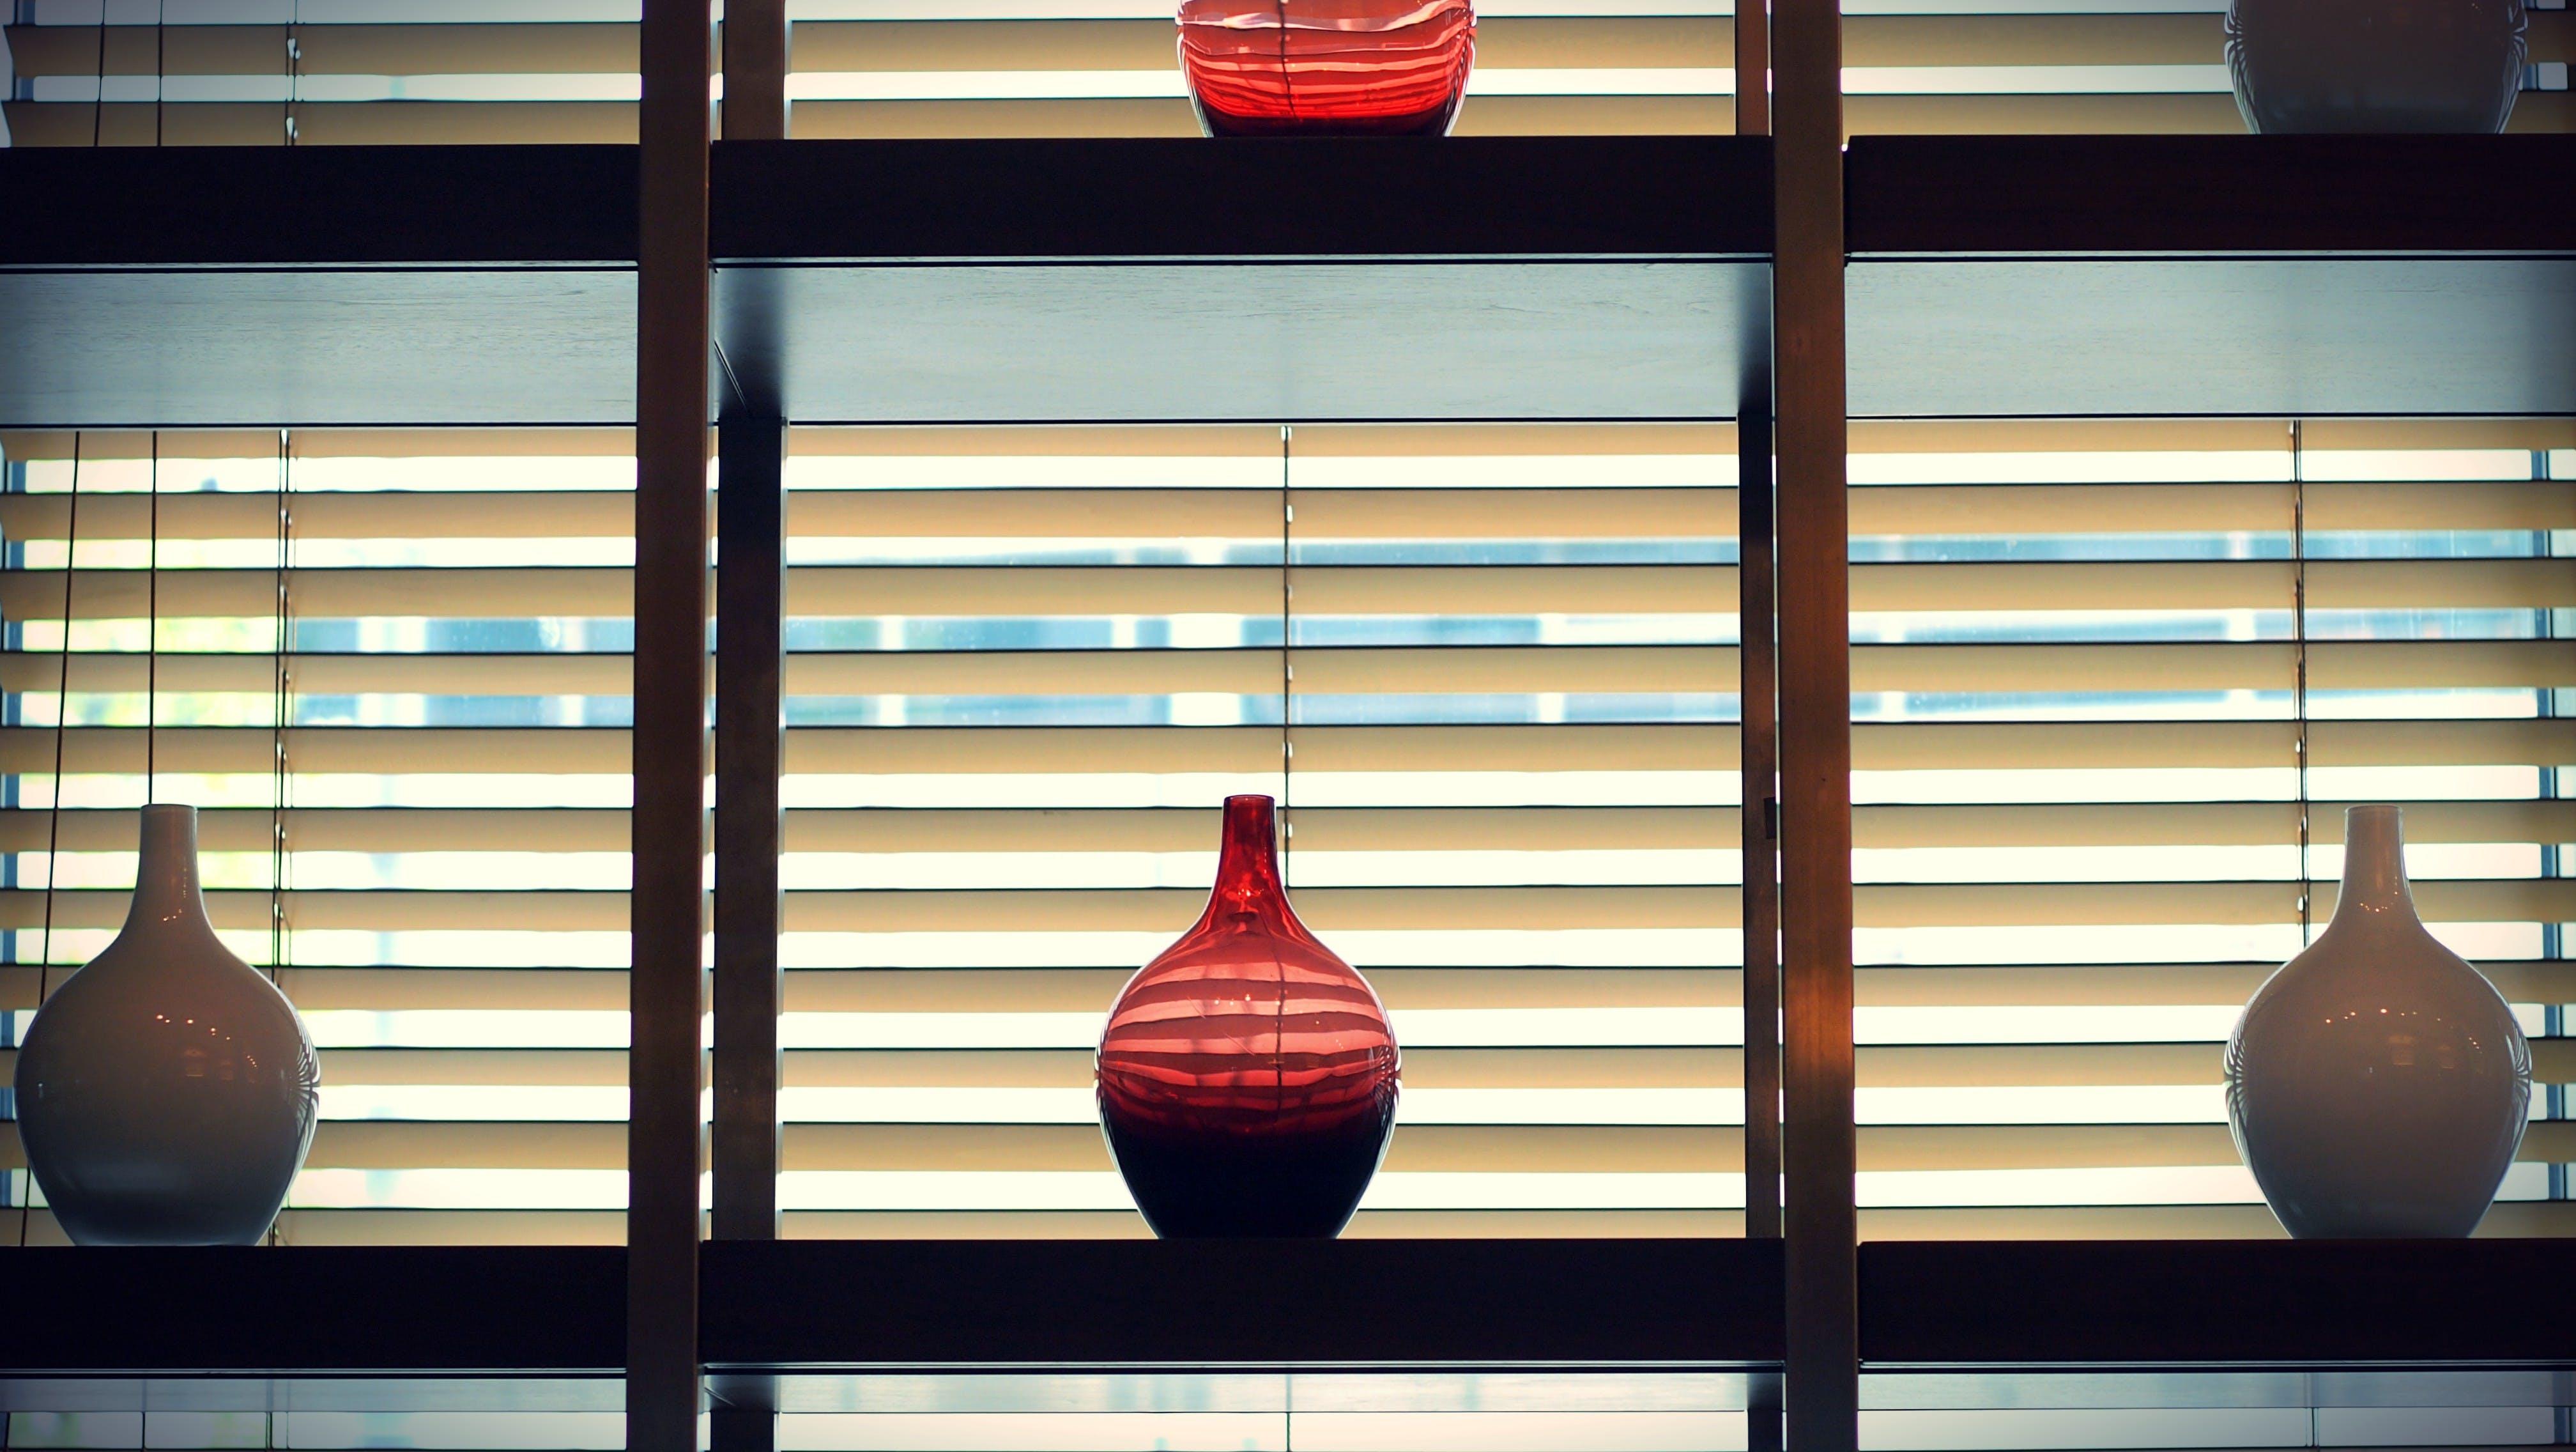 ガラス瓶, ブラインド, ボトル, 窓のブラインドの無料の写真素材